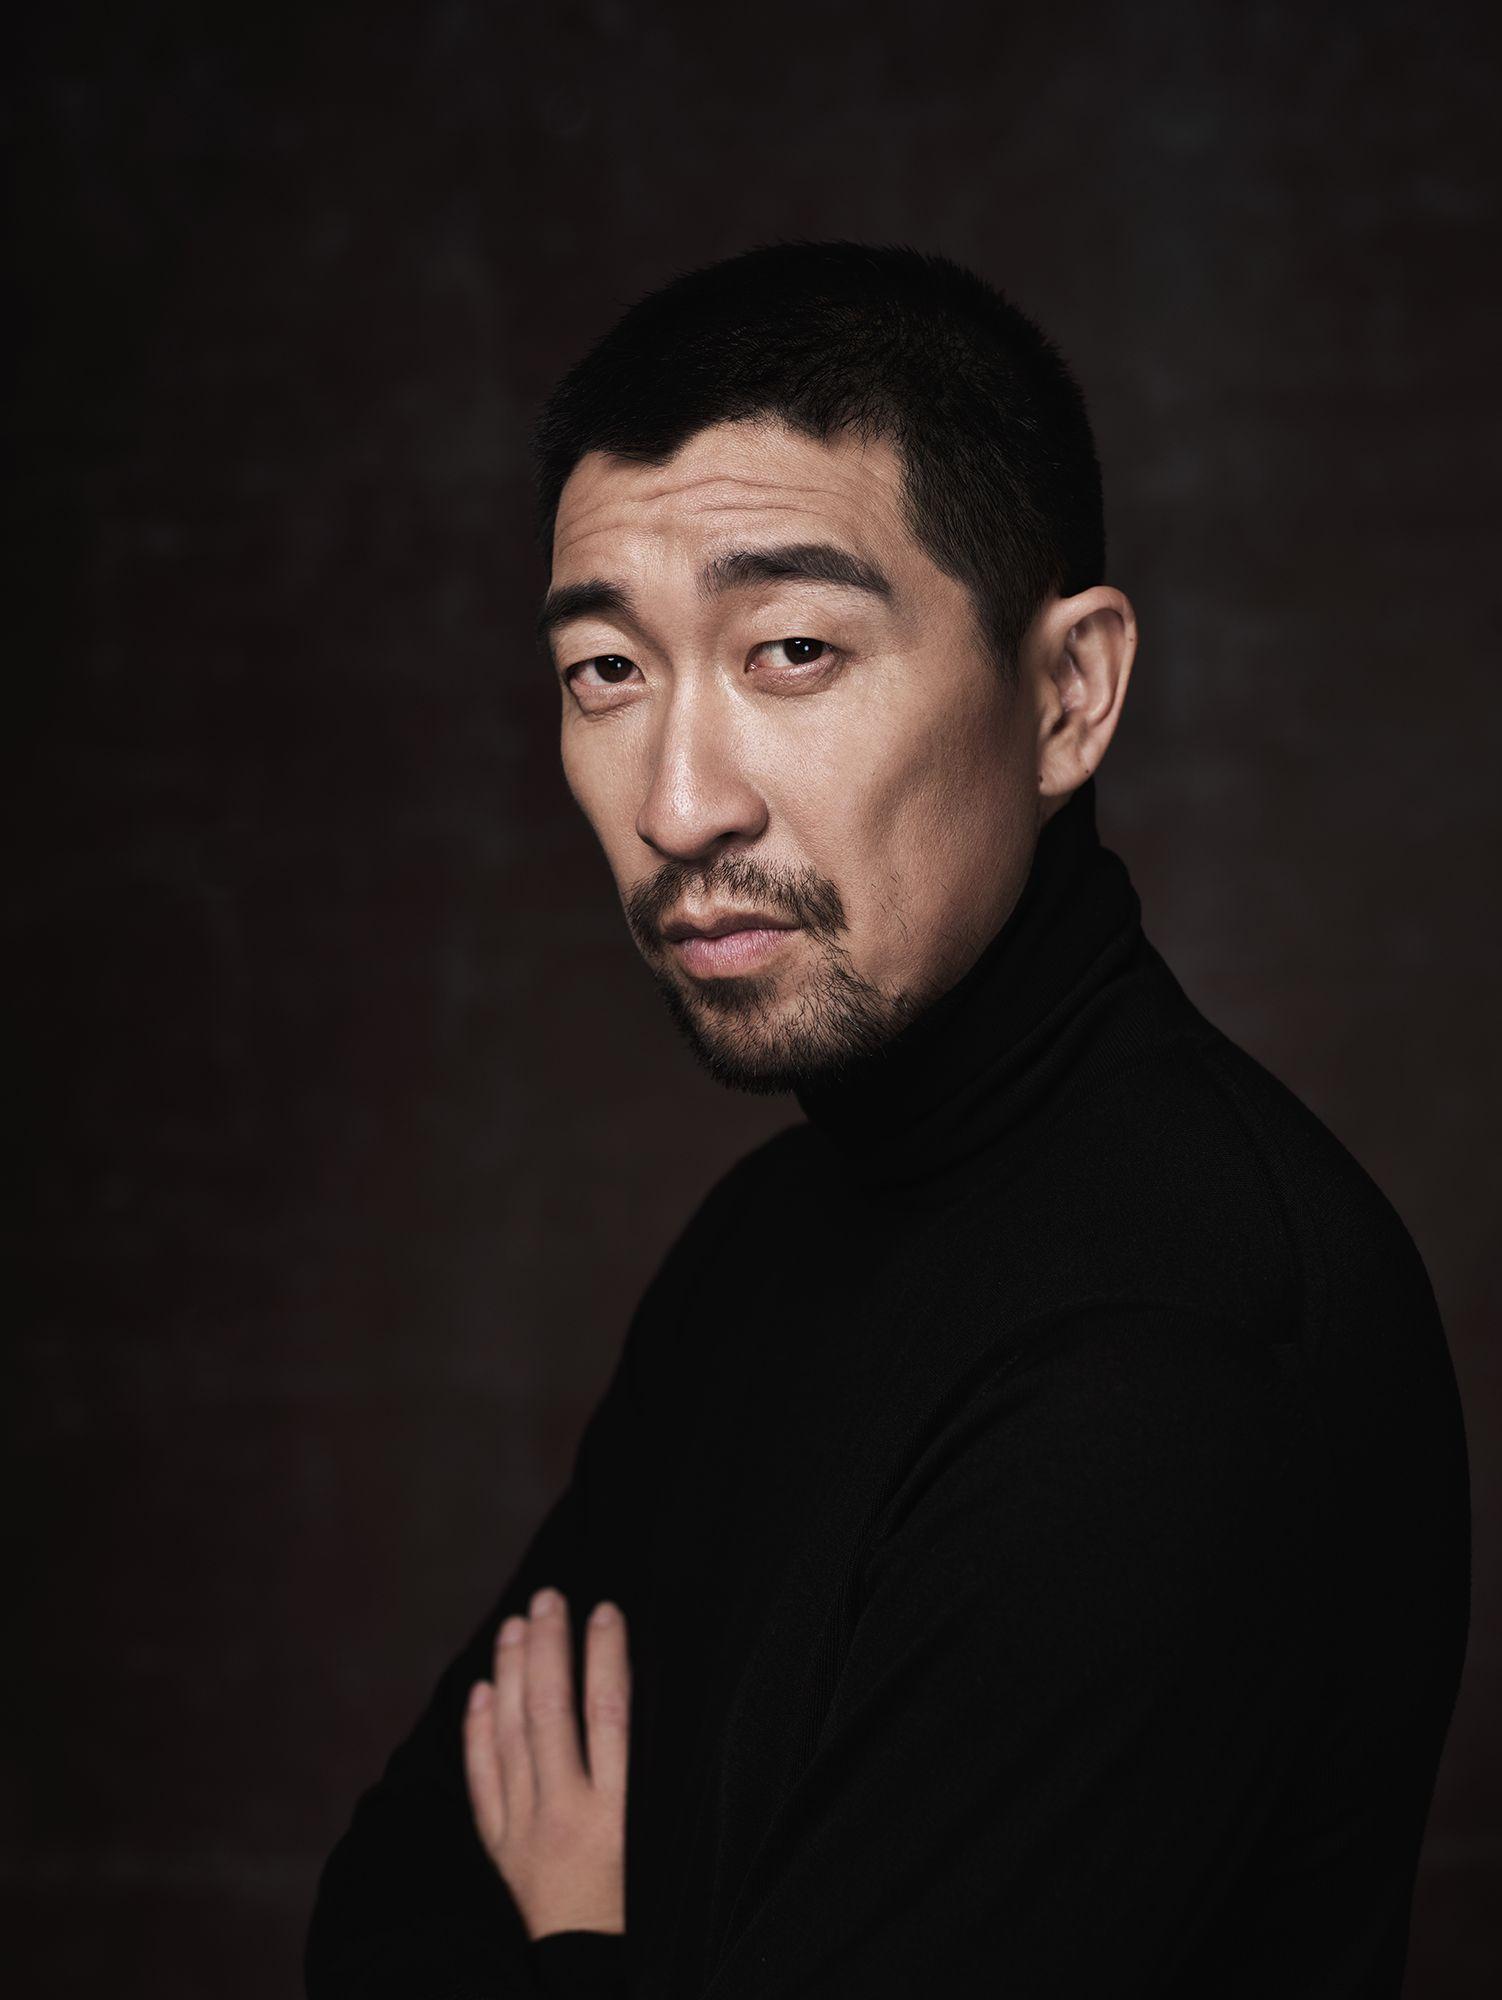 """王千源:这辈子就是在和观众们玩""""猫鼠""""游戏丨人物图片"""